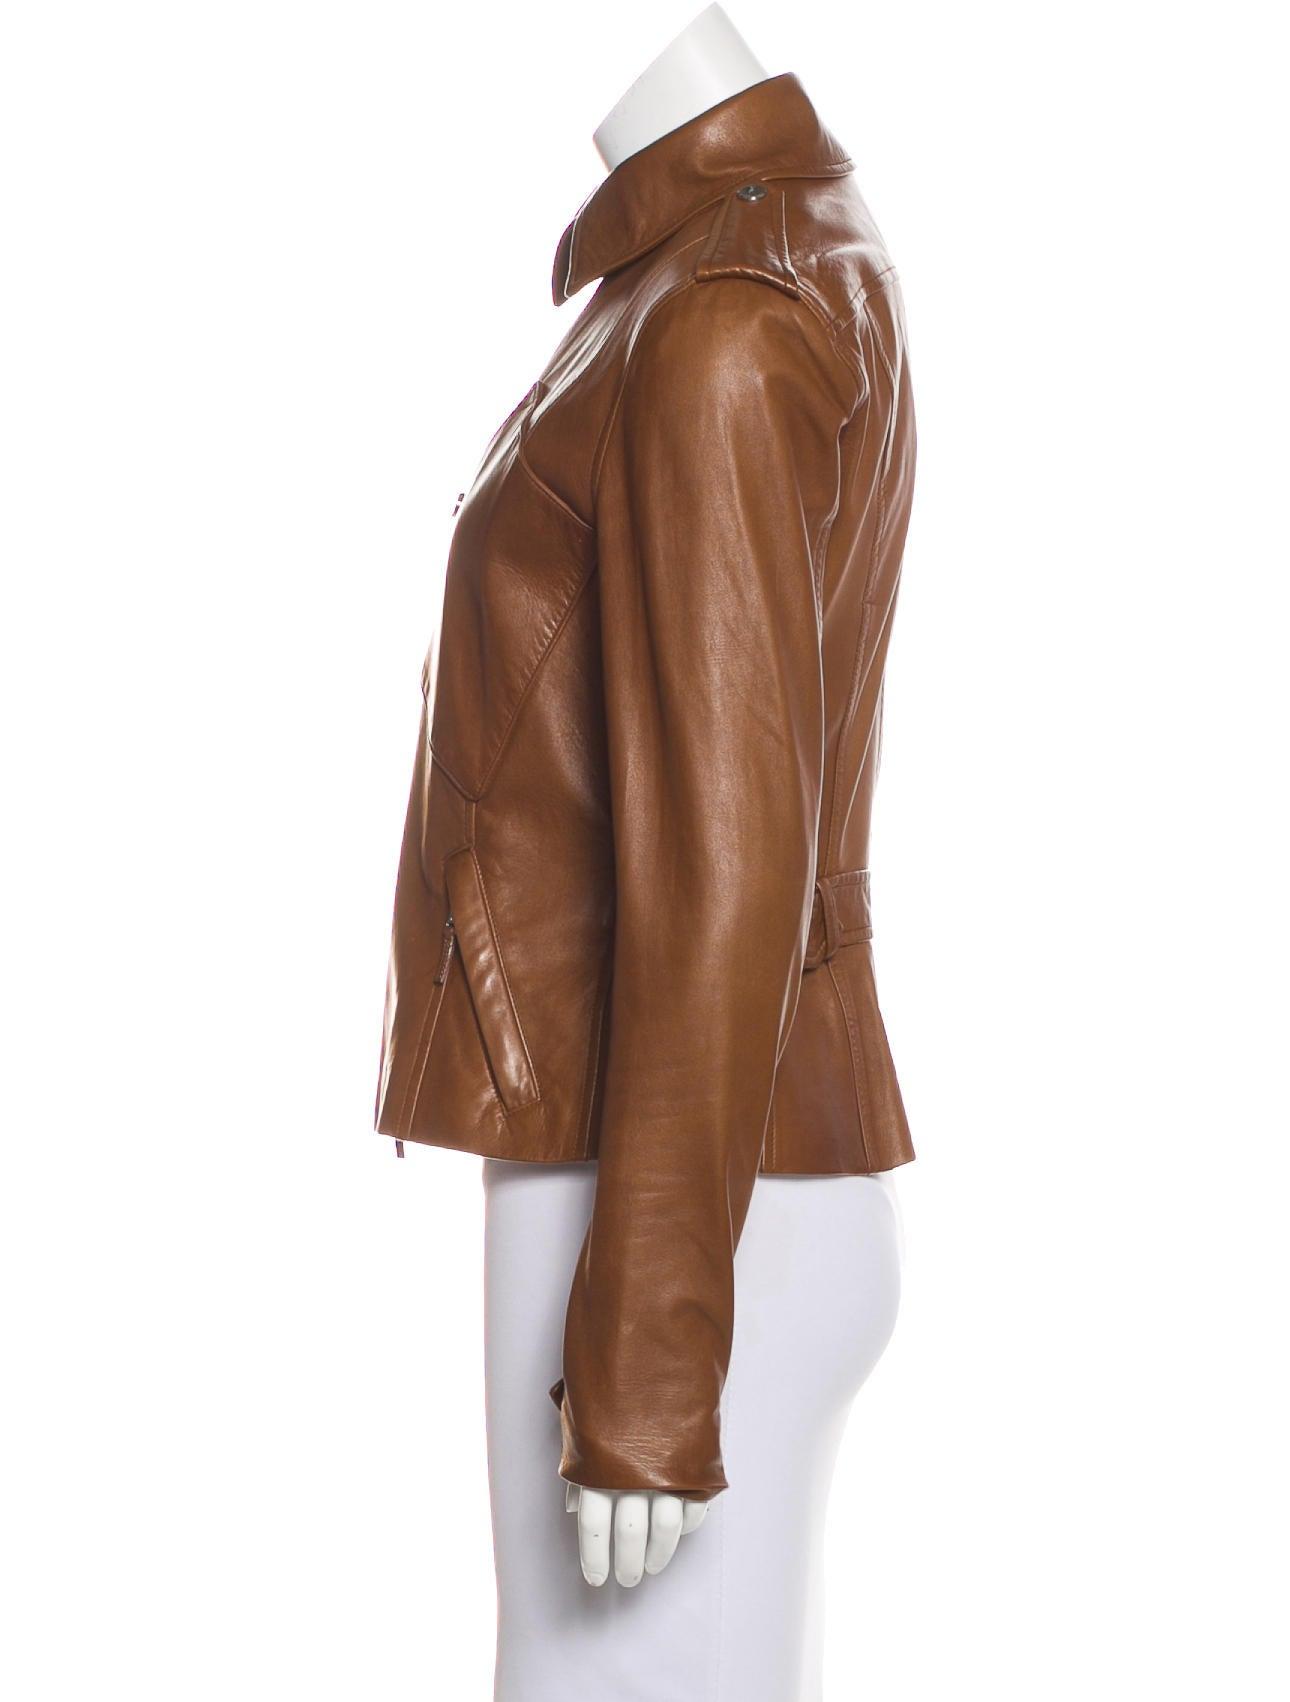 Ralph Lauren Black Label Leather Zip-Up Jacket